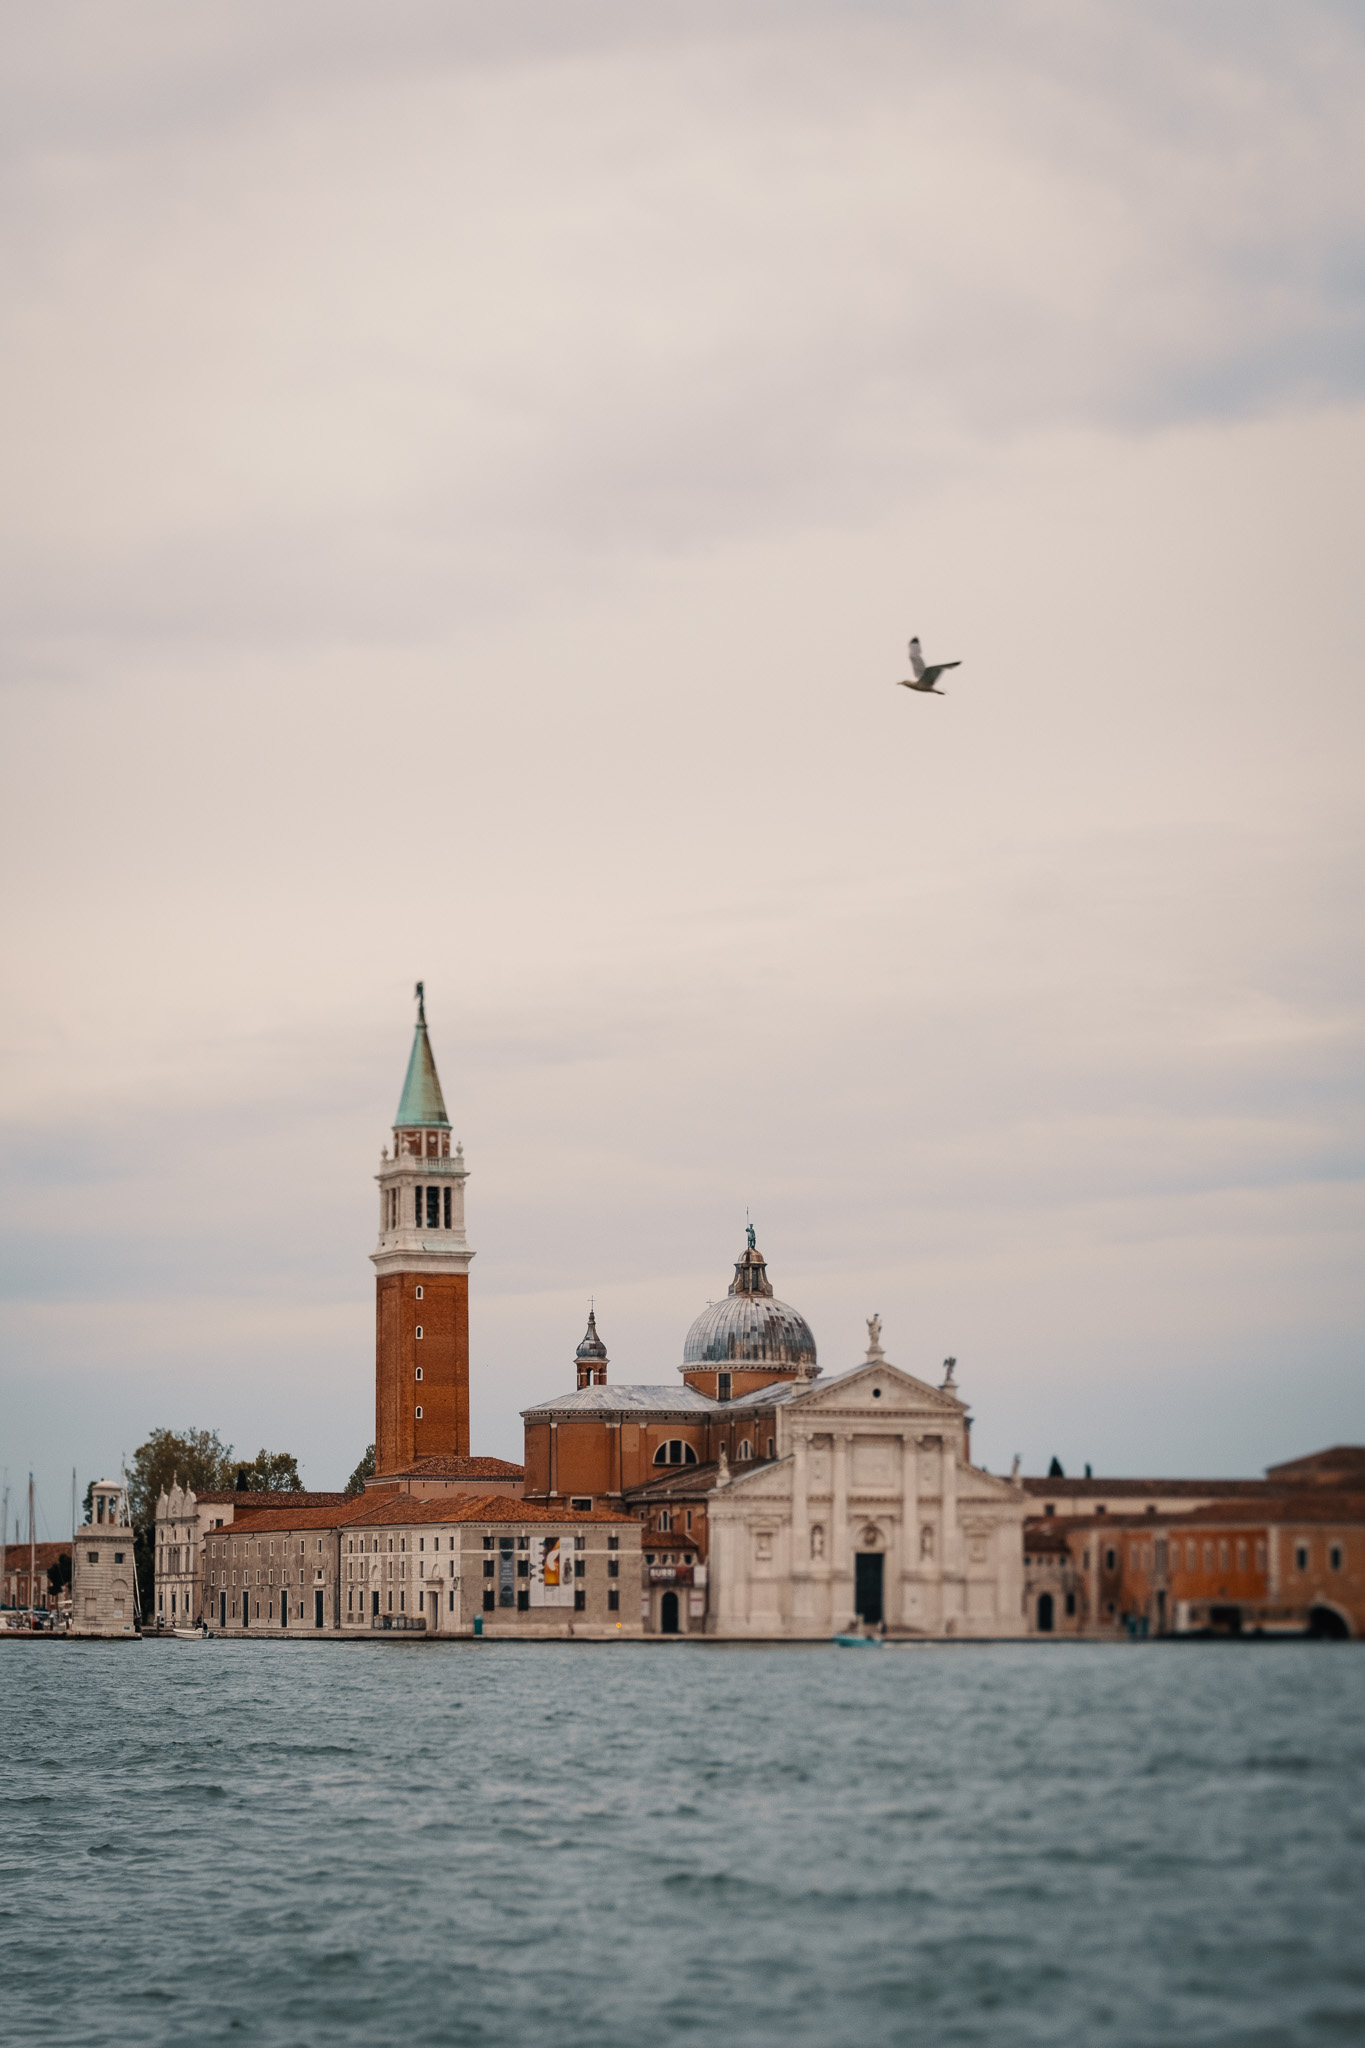 VENEZIA - Serenissima Repubblica di San Marco